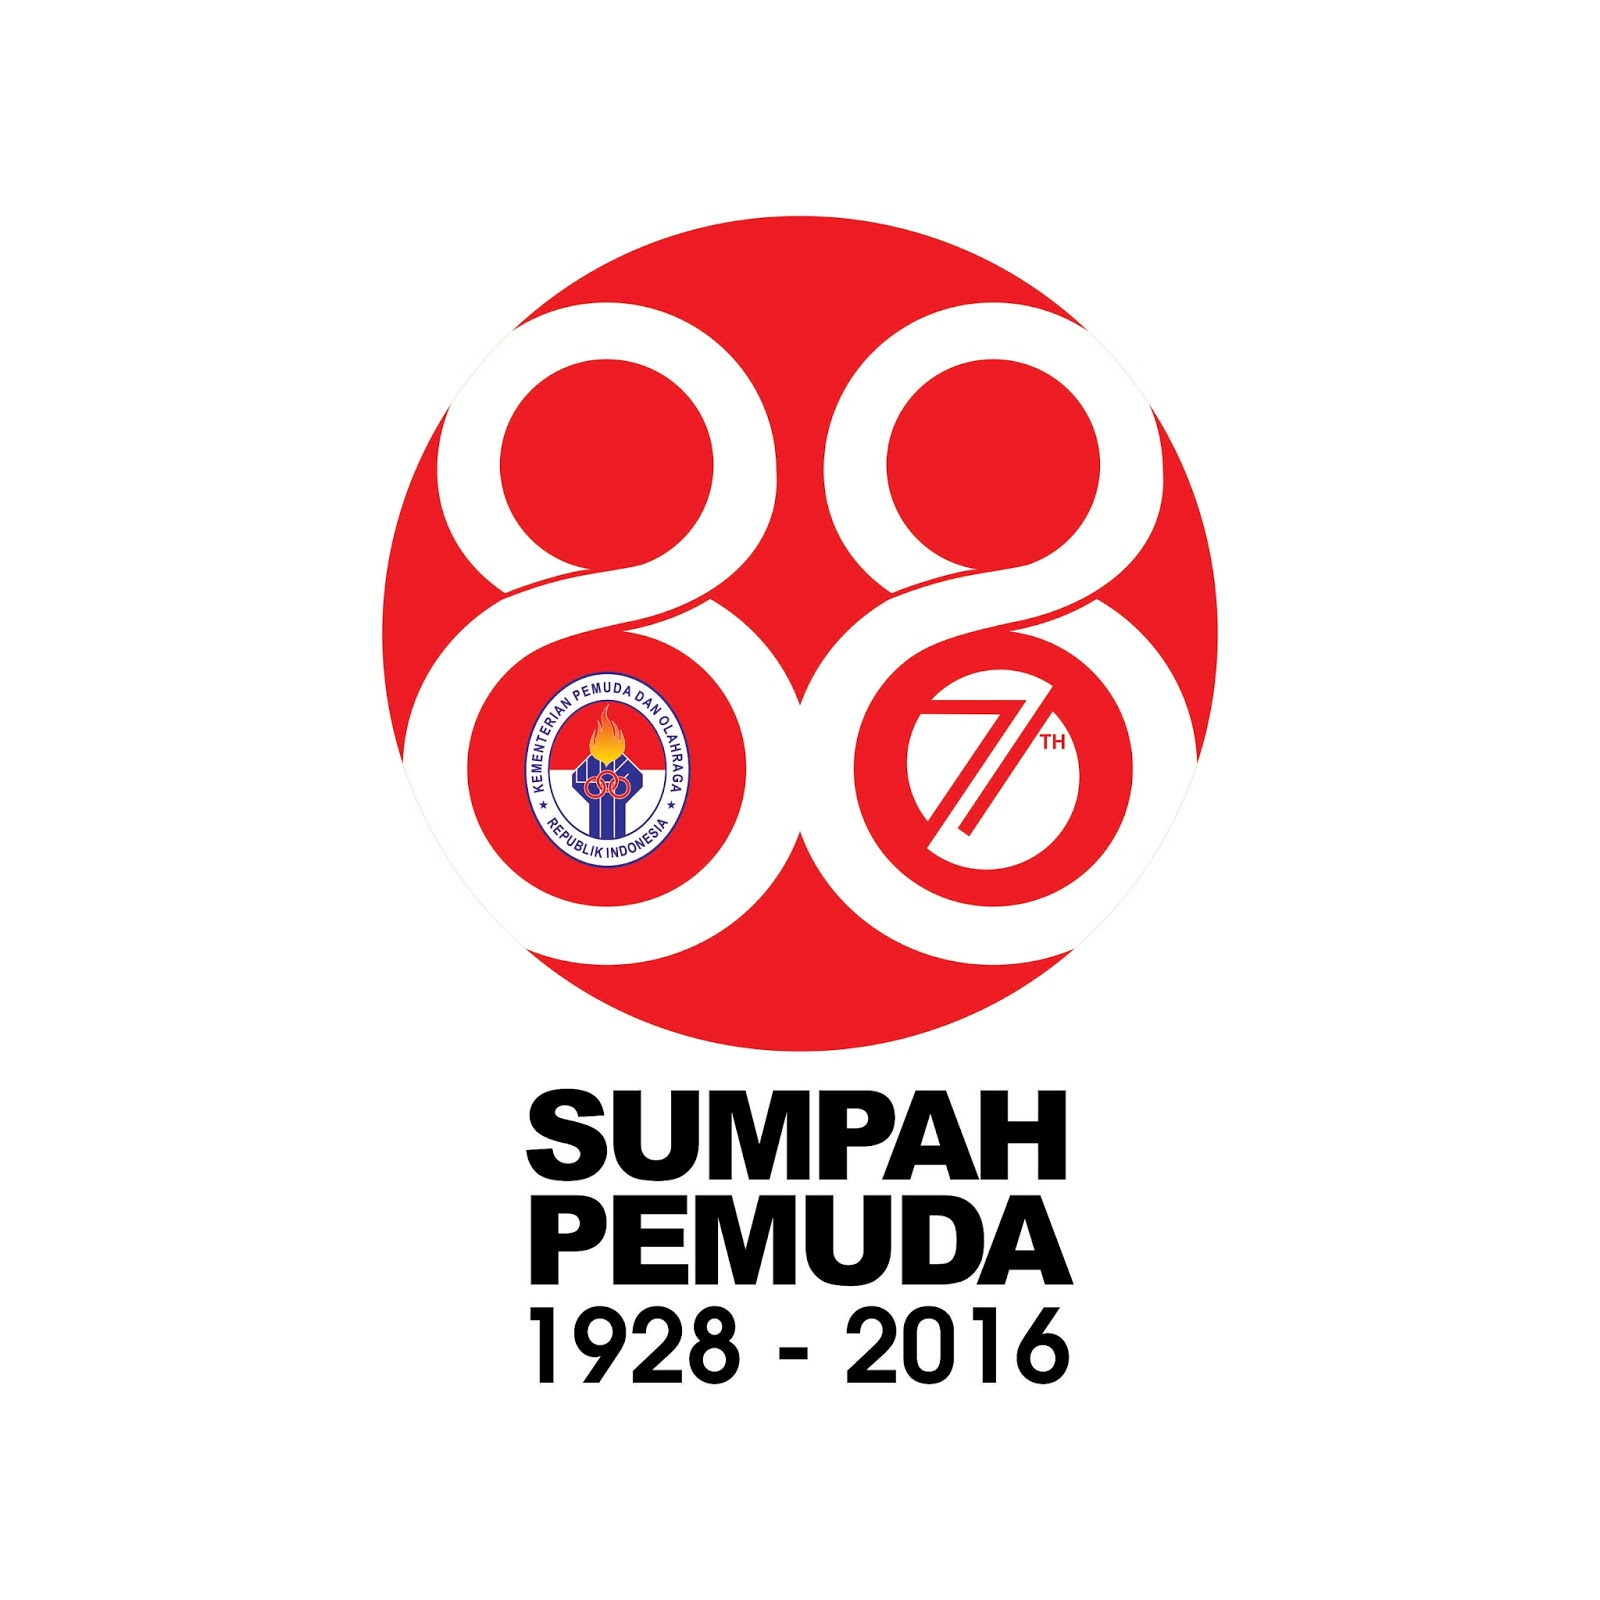 Contoh Spanduk Vector Dan Logo Vector Sumpah Pemuda 88